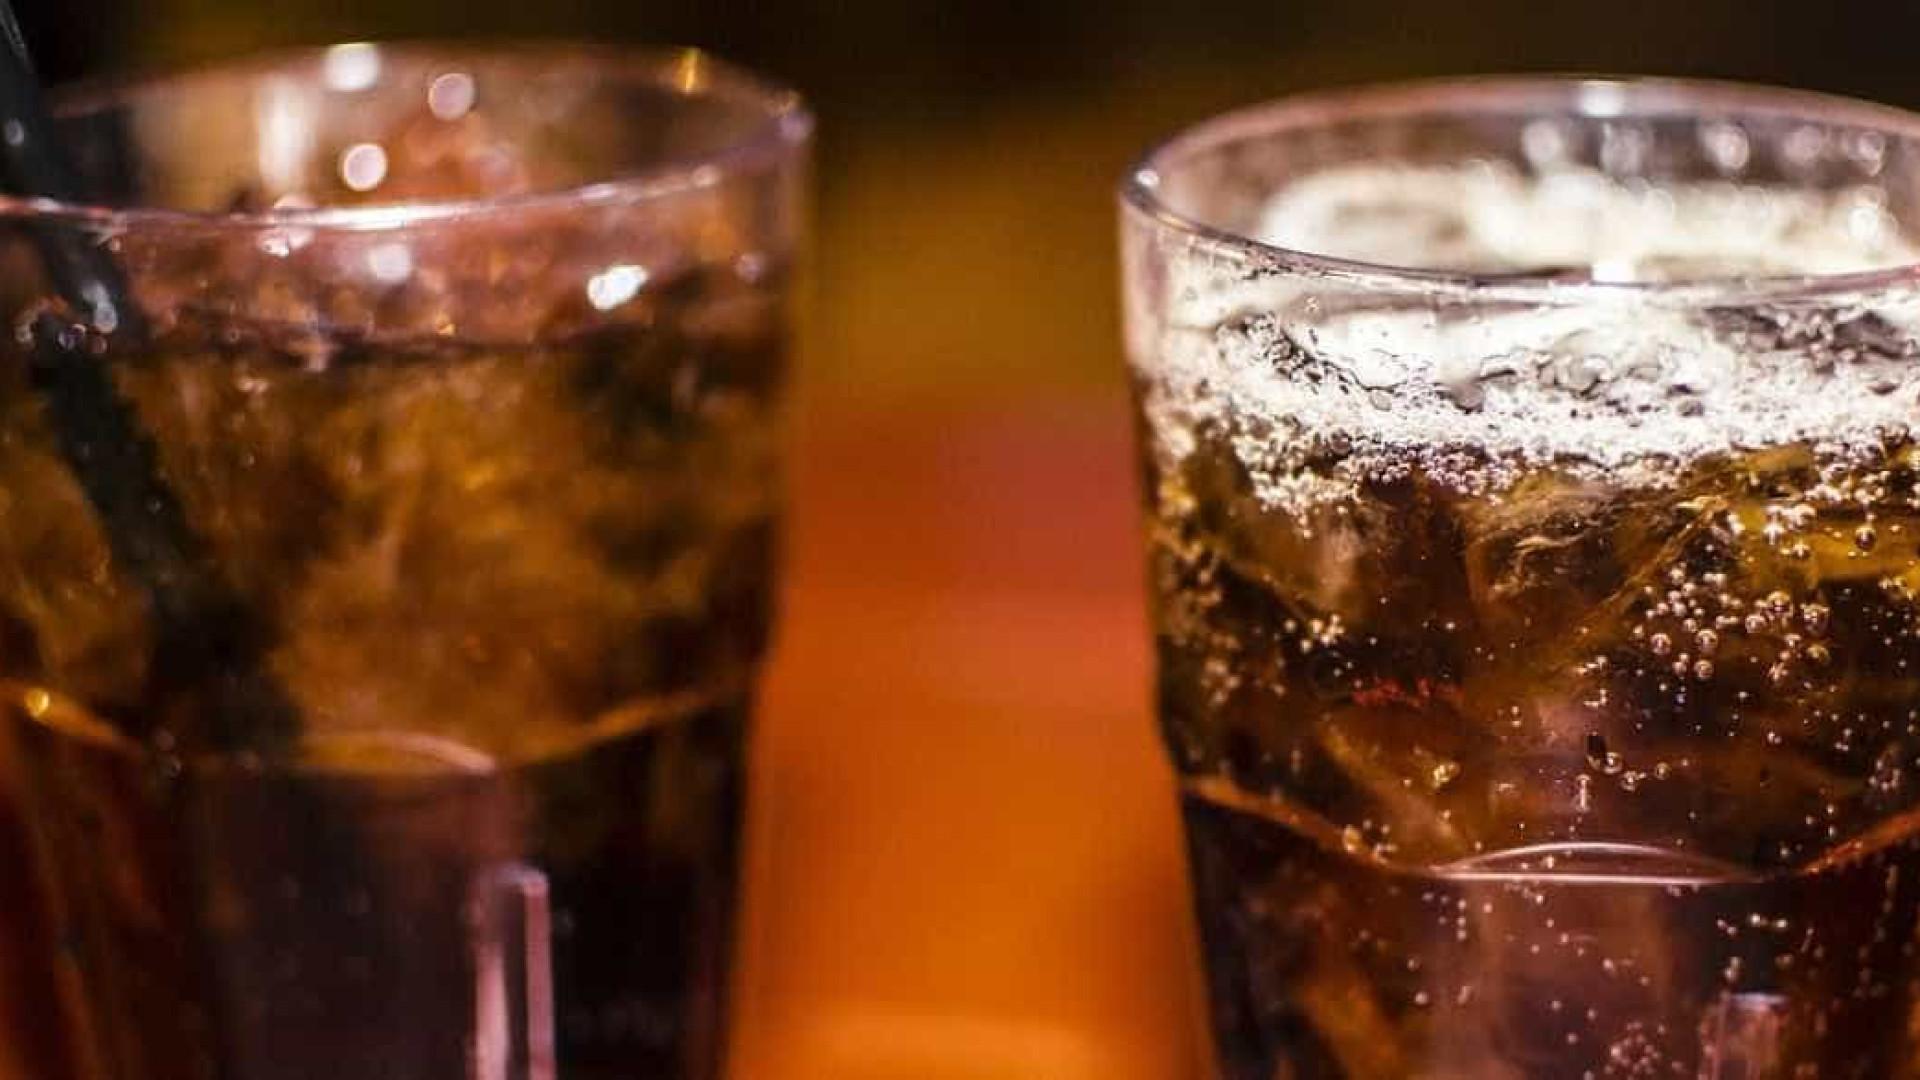 Consumo de refrigerante pode causar problemas circulatórios e morte